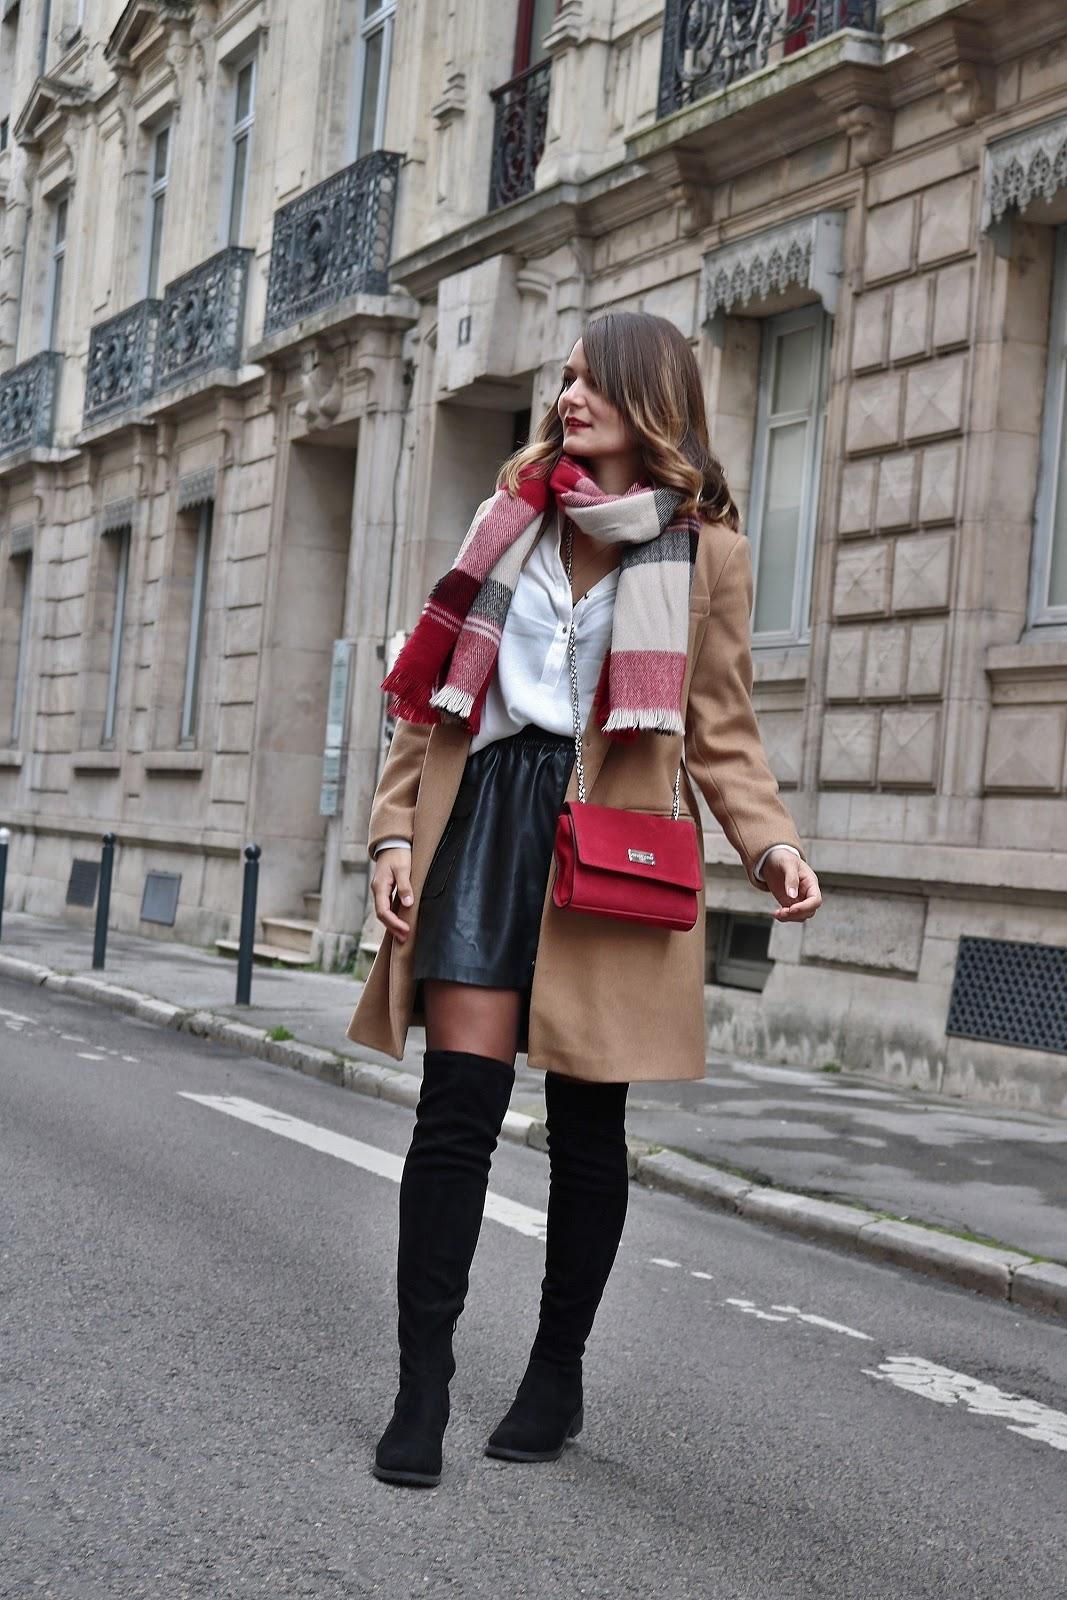 pauline dress blog mode déco lifestyle besancon tenue octobre 2017 cuissardes jupe similicuir blouse blanche manteau camel sac rouge grosse echarpe plan tourné